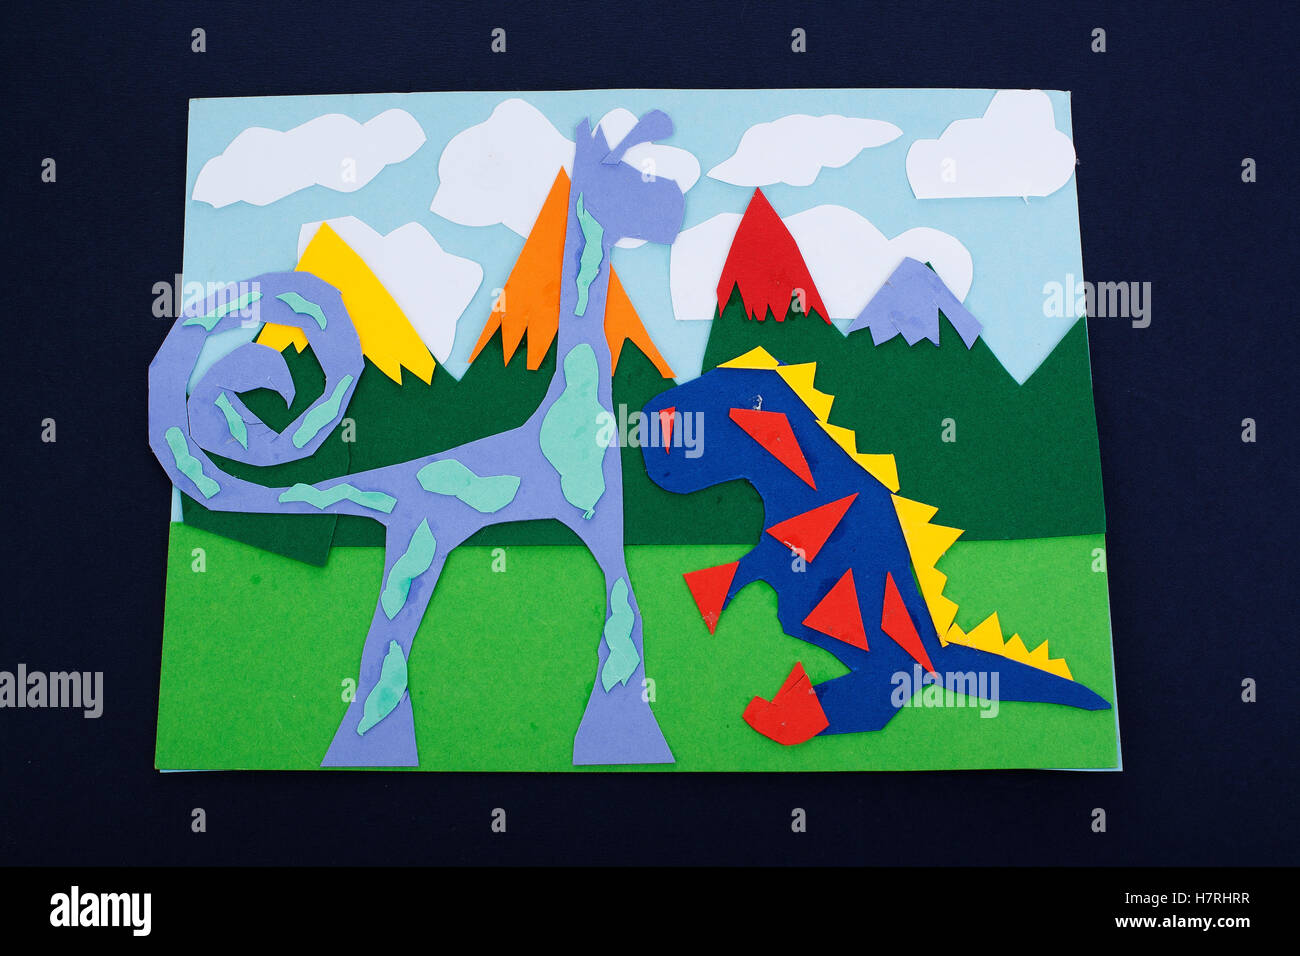 Kinder Malen Zeichnung Und Collage Mit Bunten Papier Schones Kind Zeichnungen Regenbogen Fantasy Tier Zieht Kid S Kunst Stockfotografie Alamy